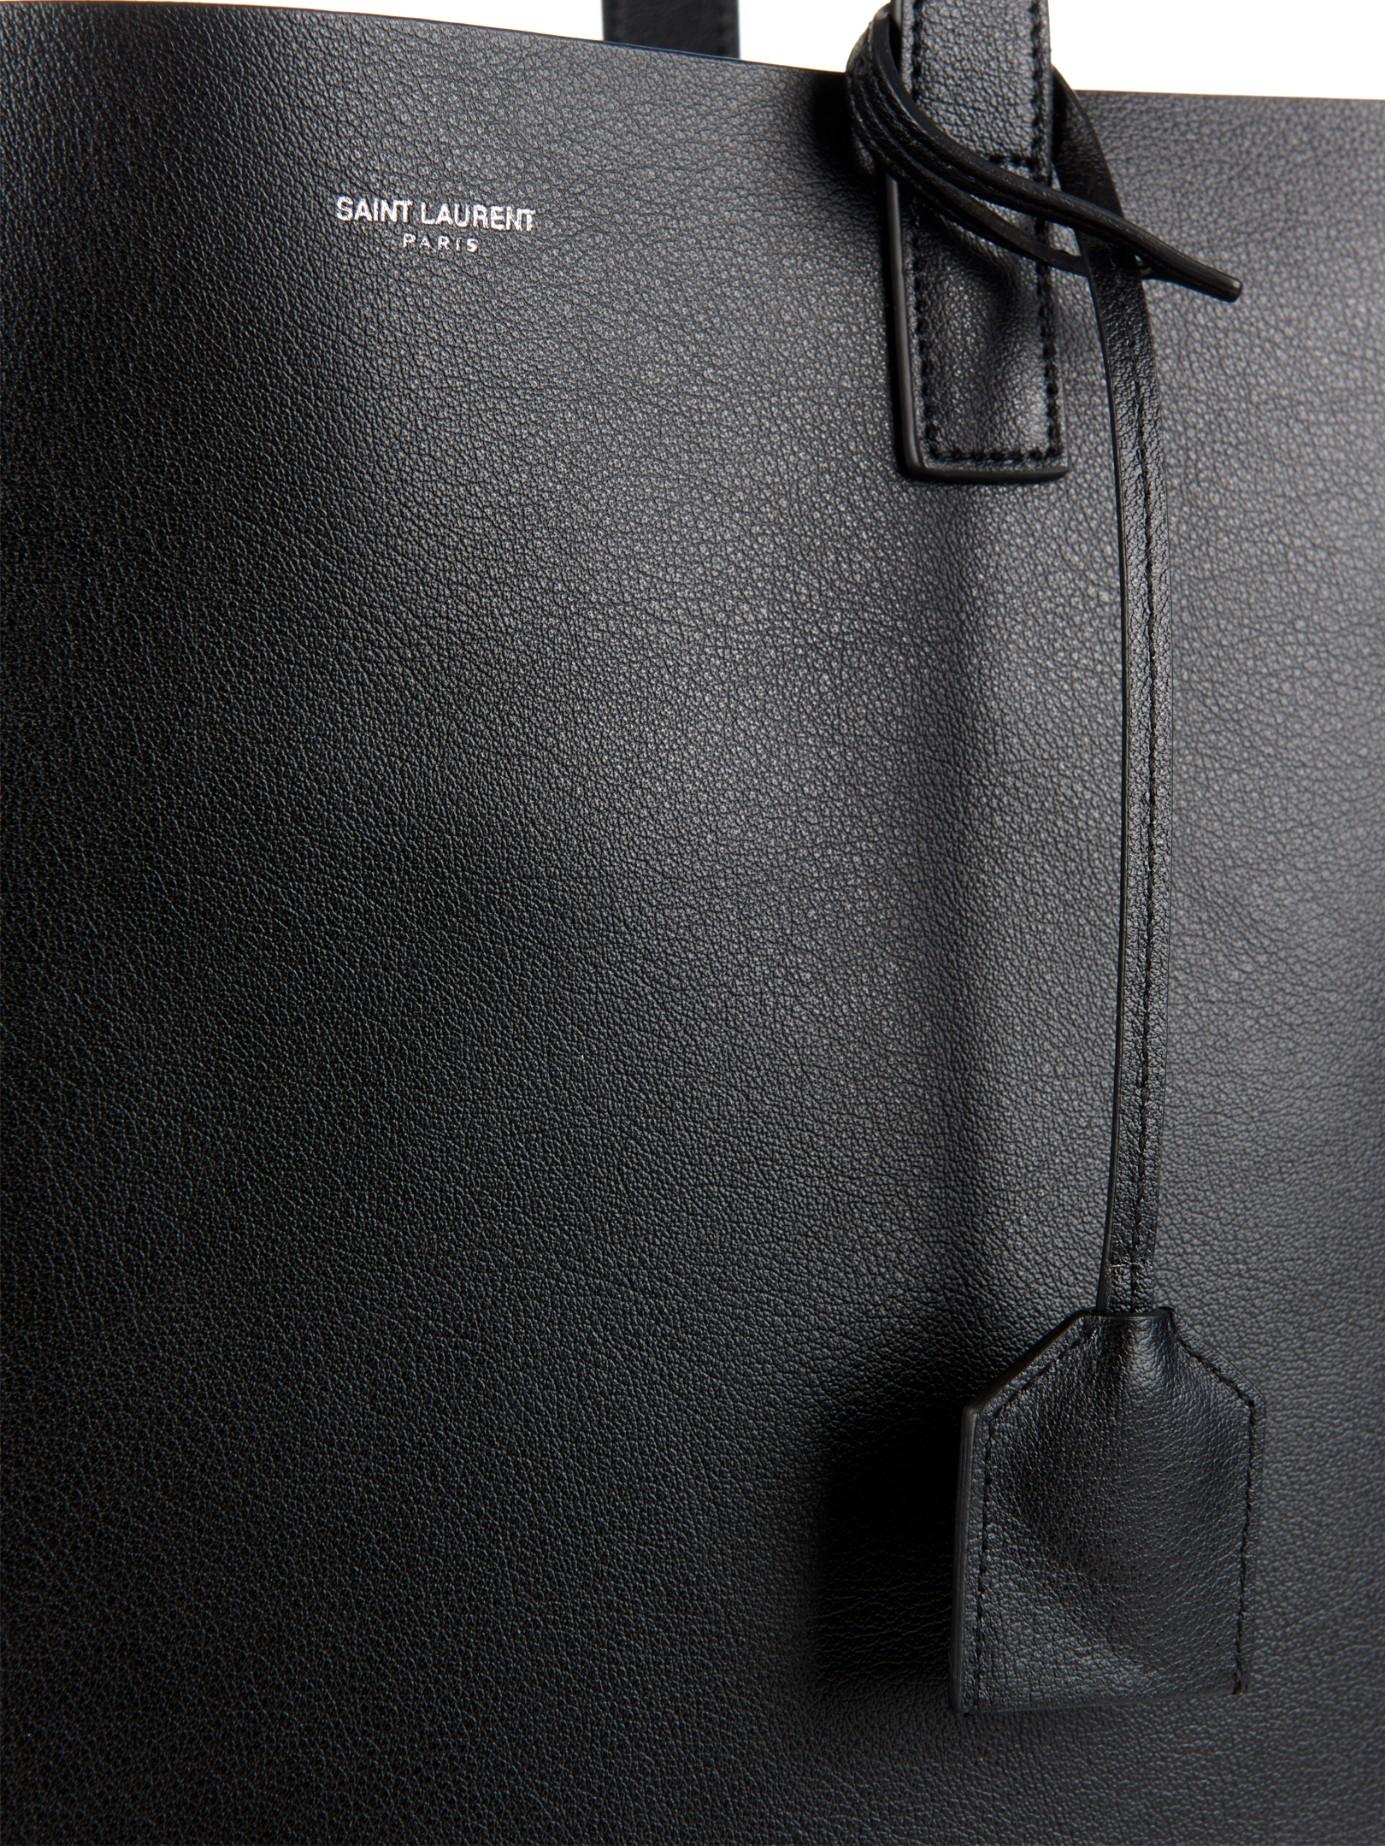 Yves Saint Laurent Leather Handbag Ysl Handbags On Sale